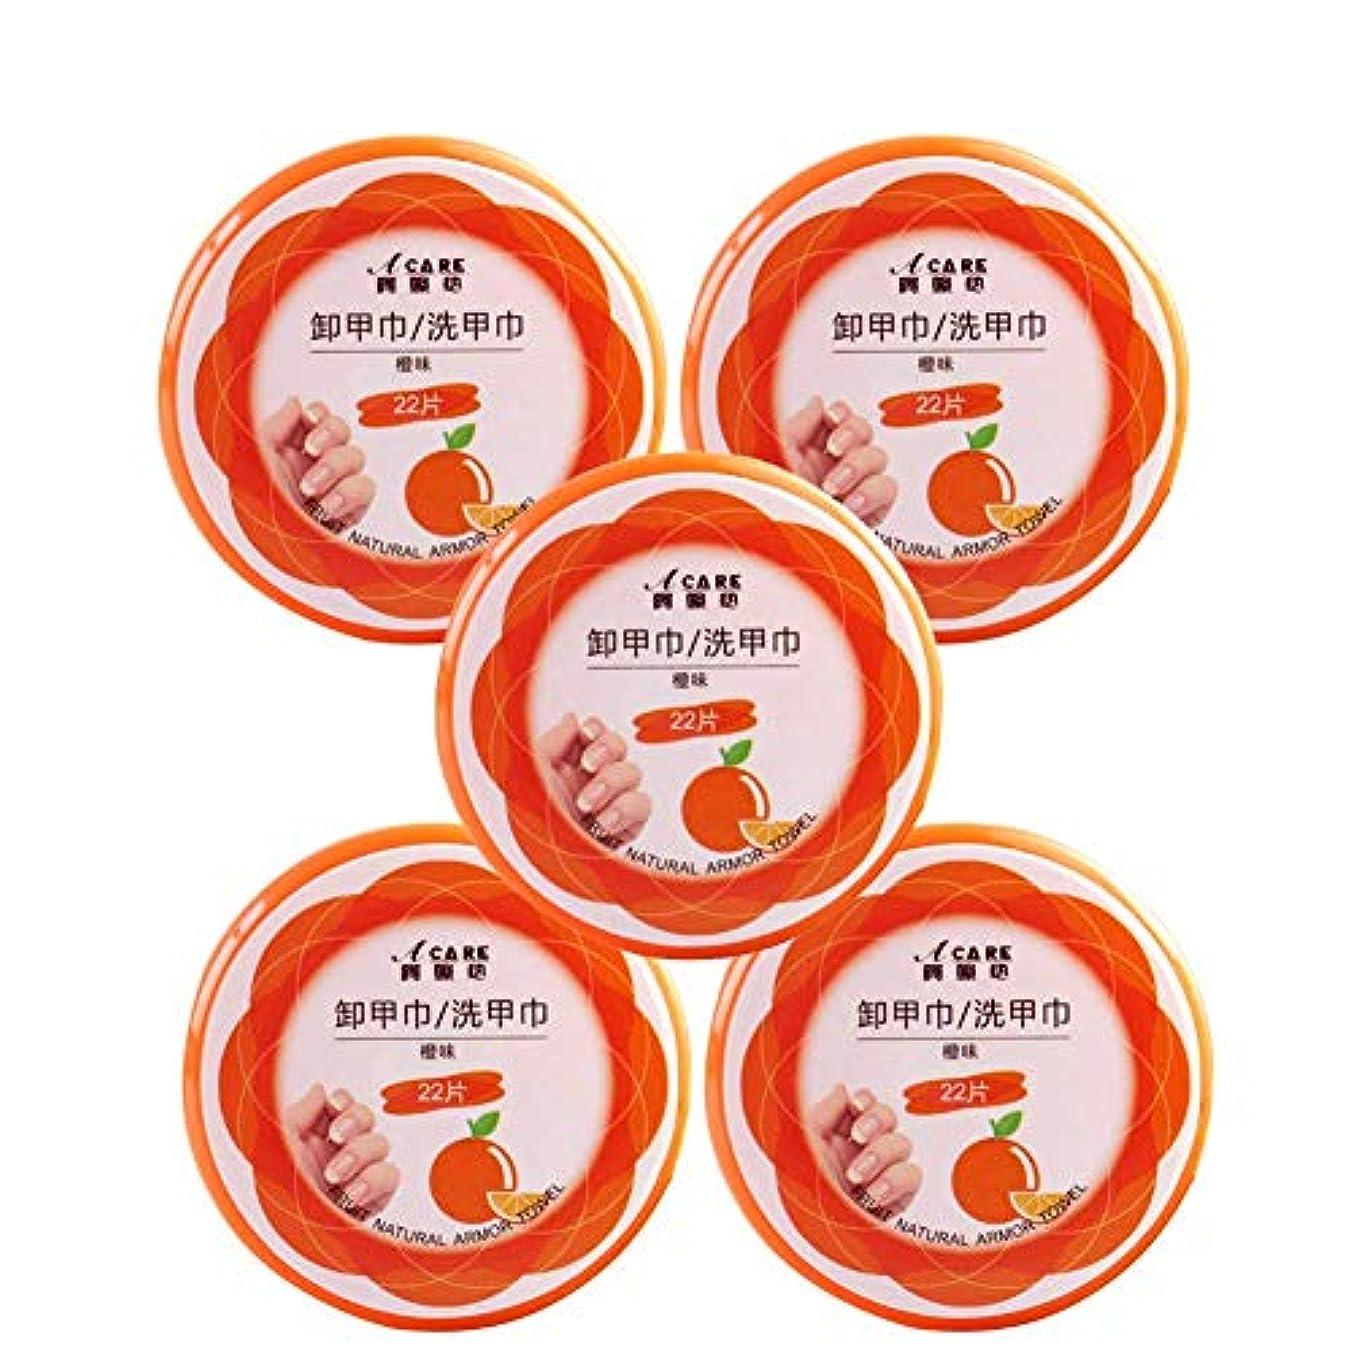 フィラデルフィアリットル複製するChinashow 5 ボックス ポータブル 栄養 ケアマニキュア リムーバー クイック クリーニング コットン リムーバー タオル オレンジ